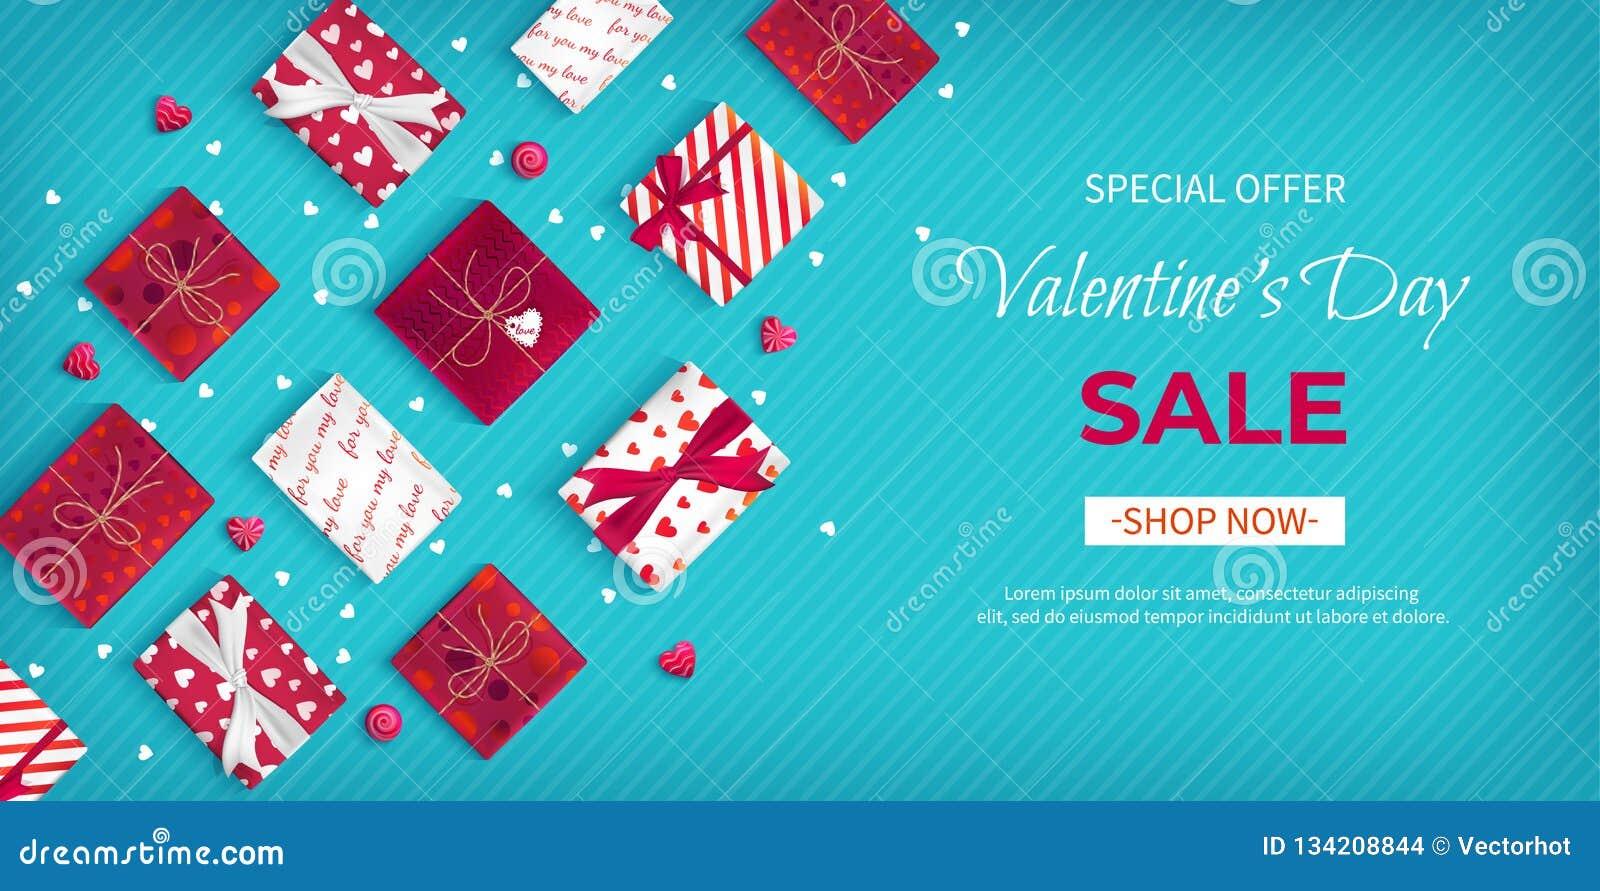 Venda do dia de Valentim de oferta especial Inseto do disconto, venda sazonal grande Bandeira horizontal da Web com muitas caixas